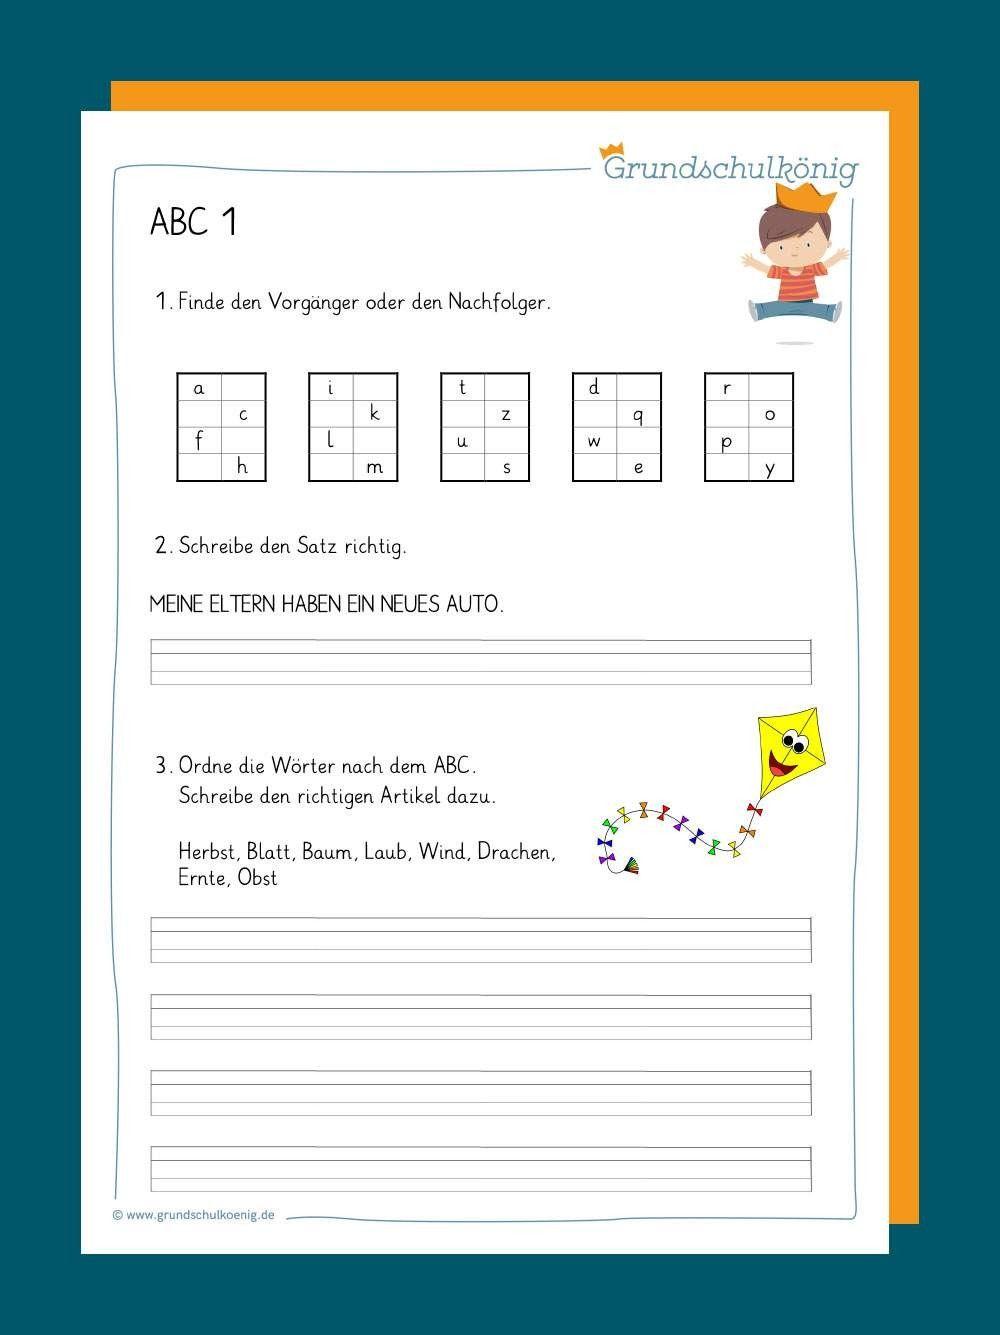 Pin Von Grundschulkönig Auf Deutsch 1 Klasse Lernen Tipps Schule Nachhilfe Mathe Deutsch Schreiben Lernen